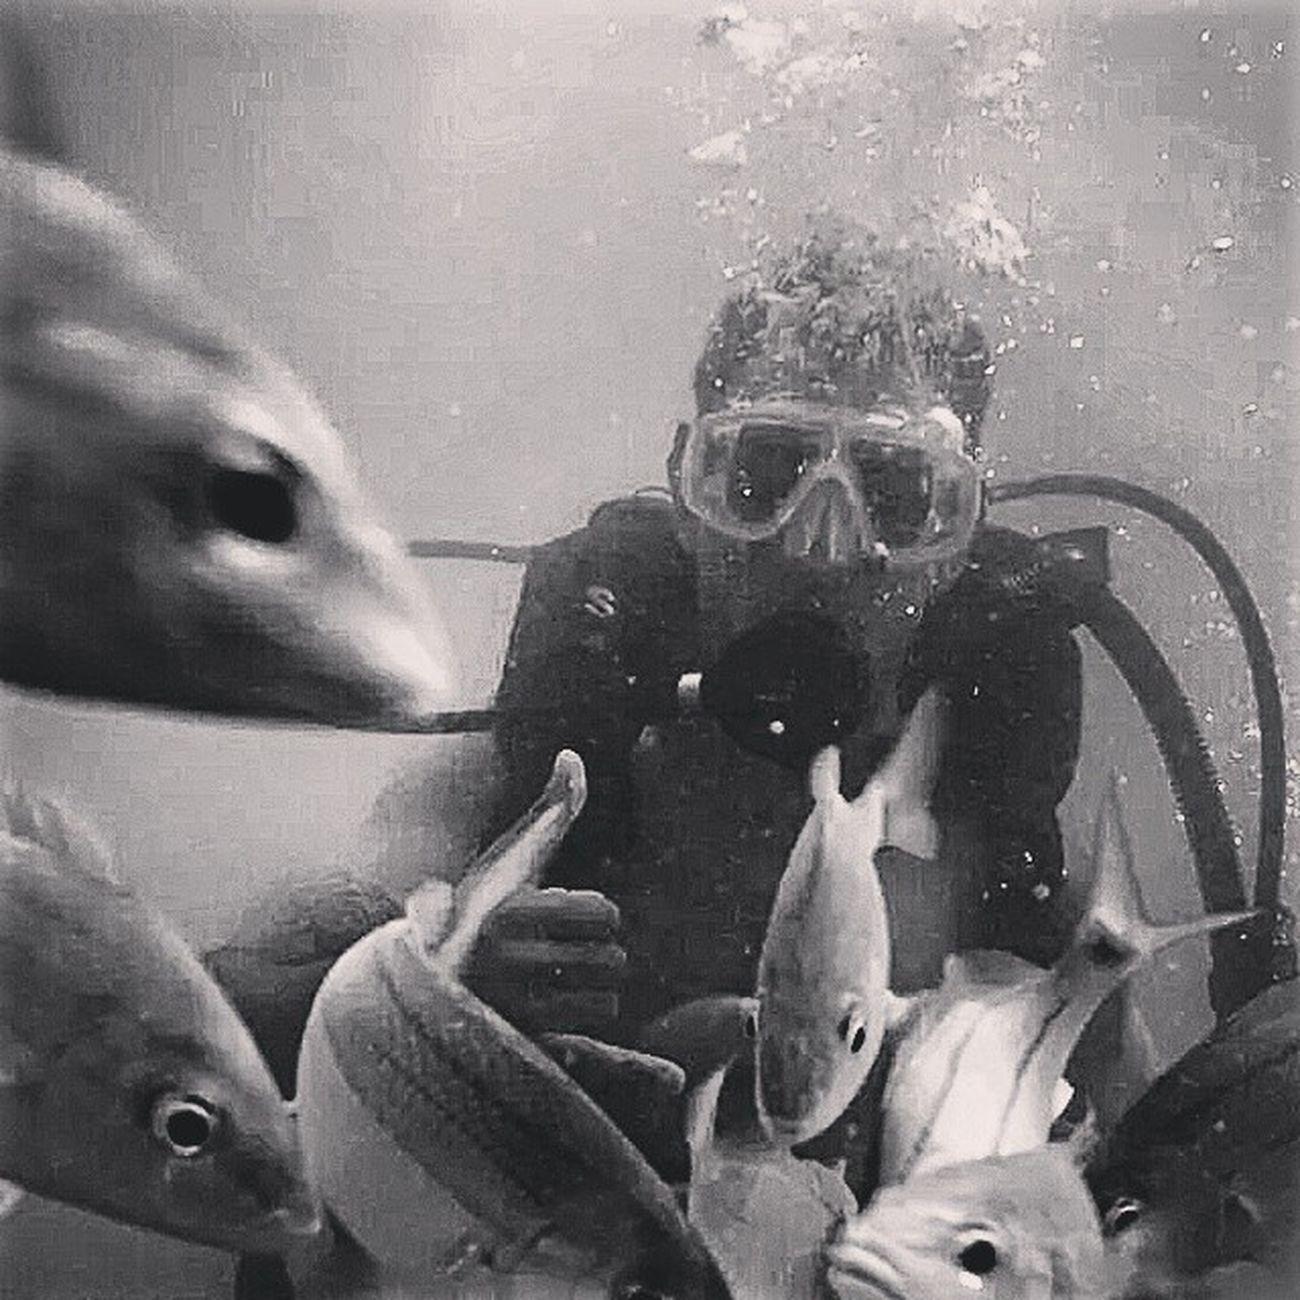 No fundo do mar é a paz que eu quero estar.. Máquina de lavar a alma. RN Natal.. Maracajaú GoodVibration Goodvibe Namaste Positivdade paz natureza fundodomar vibe vidamarinha goprophotography_ gopro